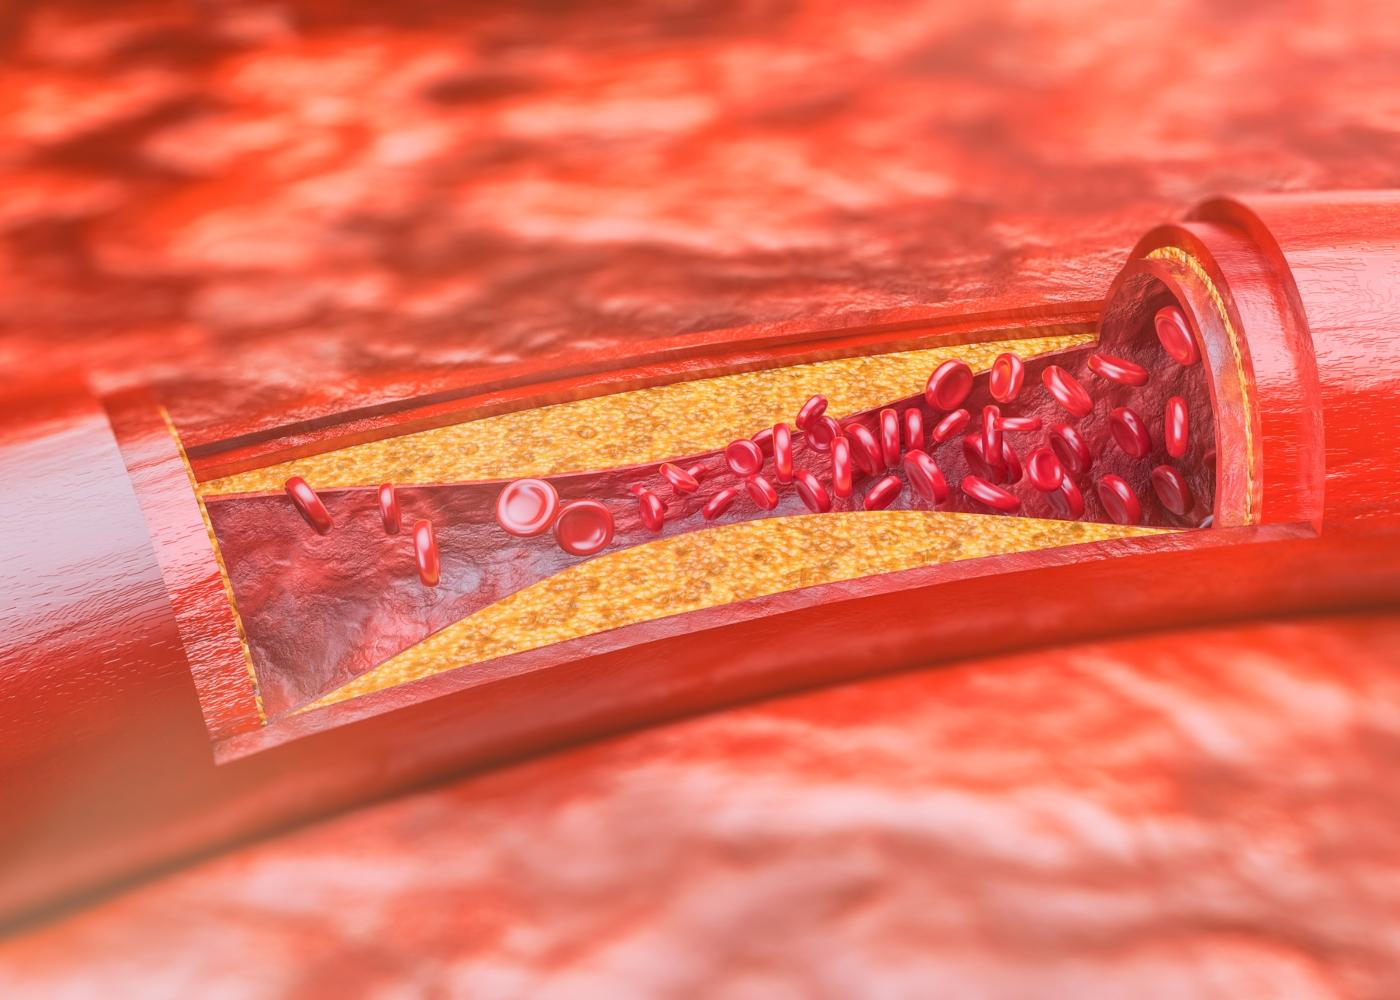 Ilustração de artéria com aterosclerose